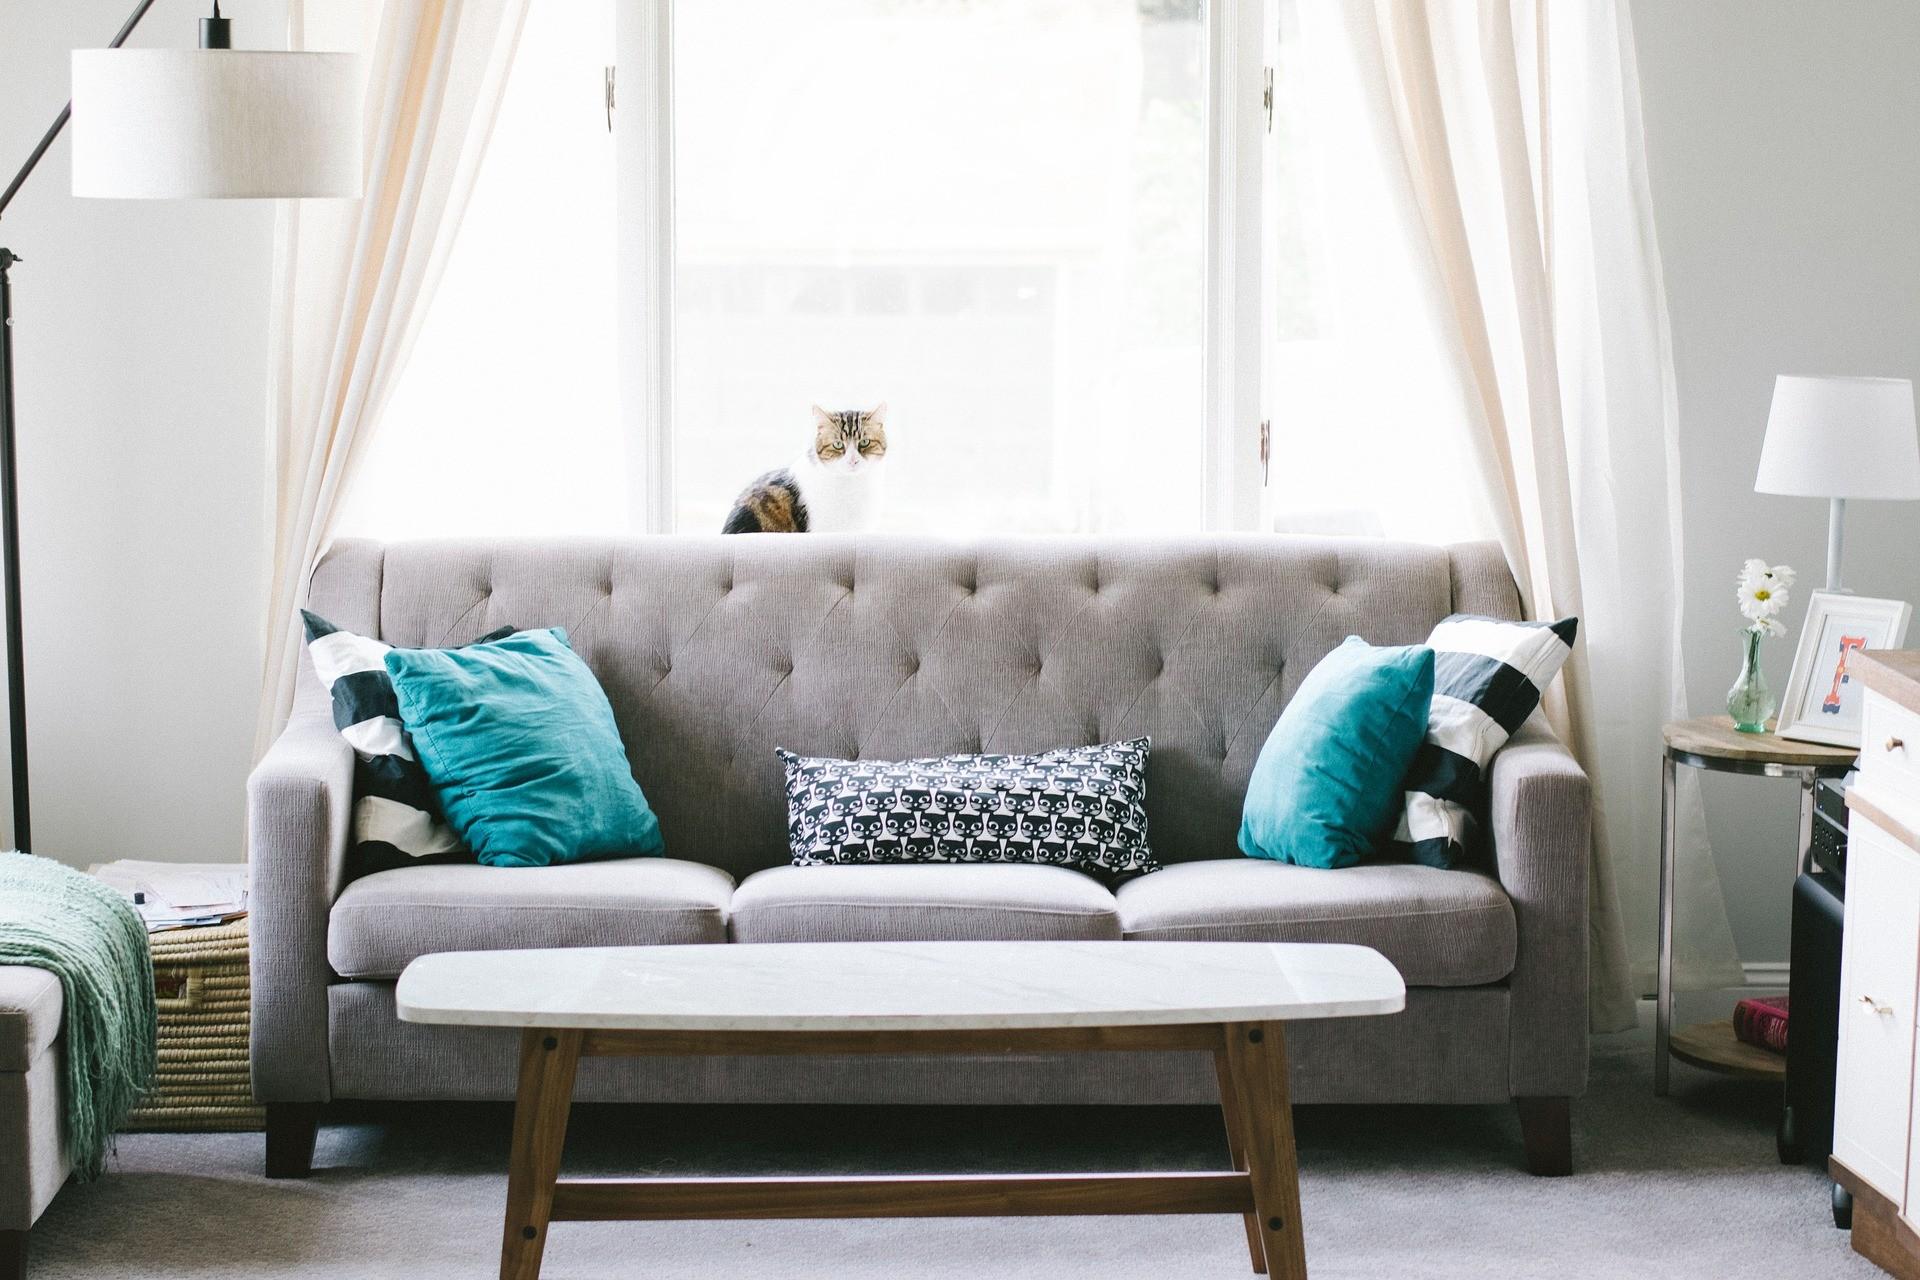 Секреты фэн-шуй: как превратить дом в место отдыха